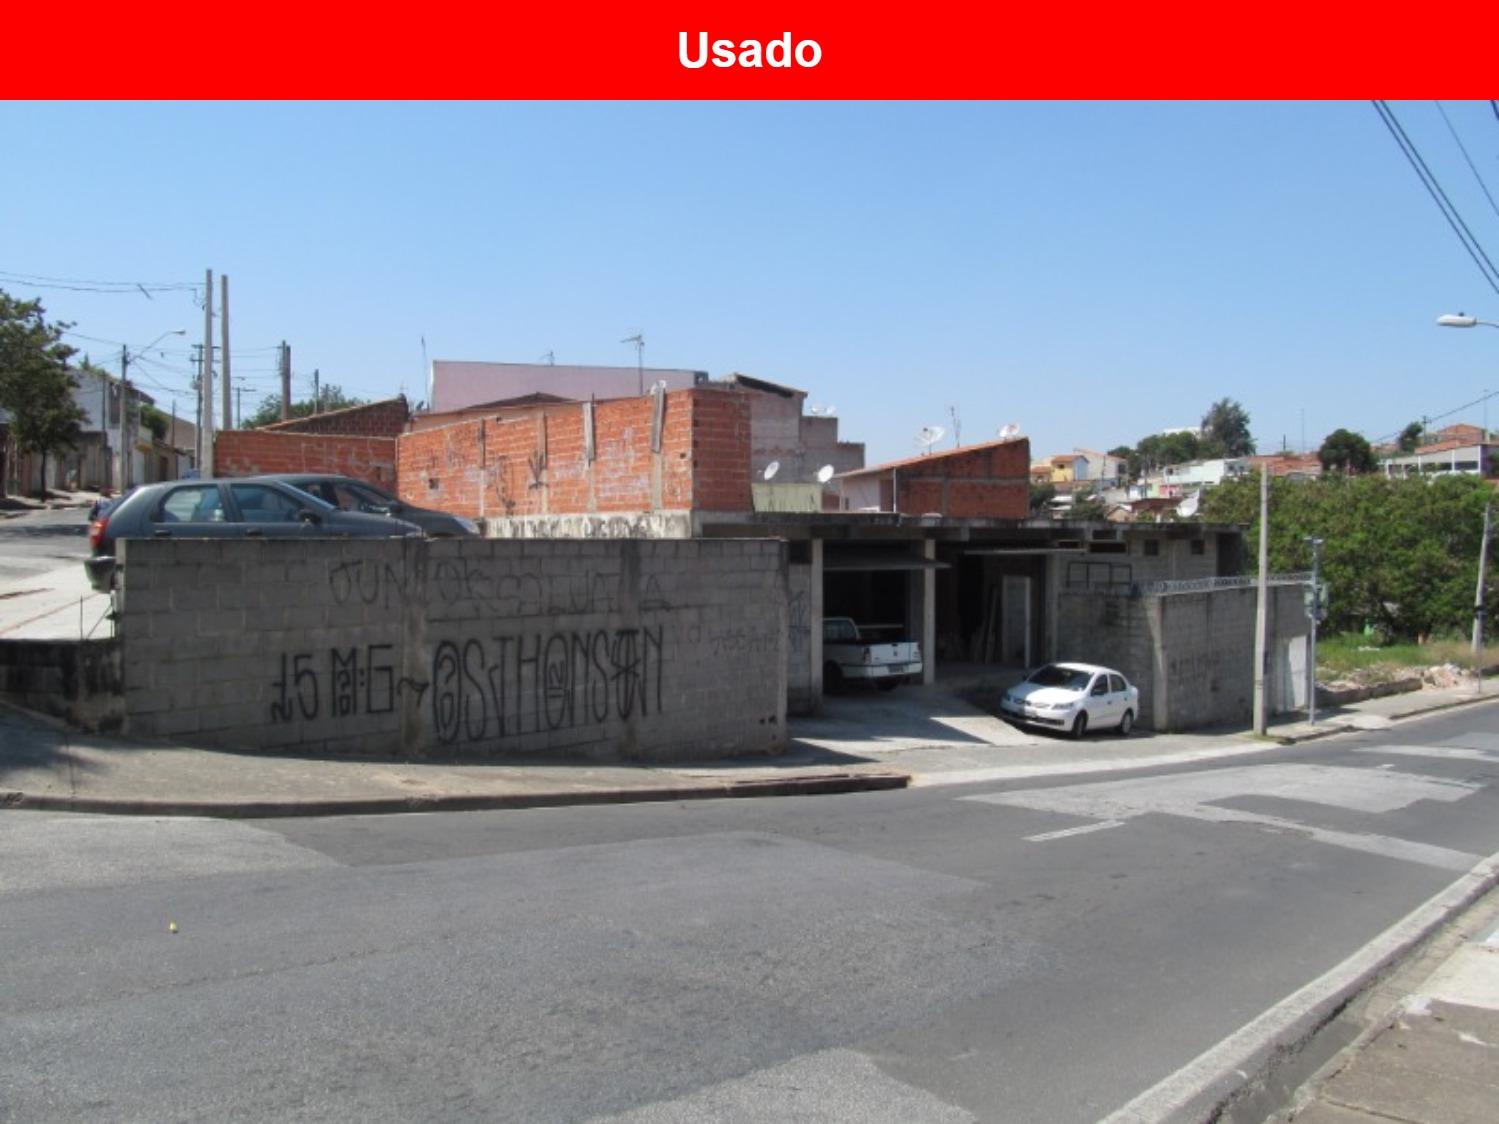 Barracão a venda no PARQUE MANCHESTER, Sorocaba - sp